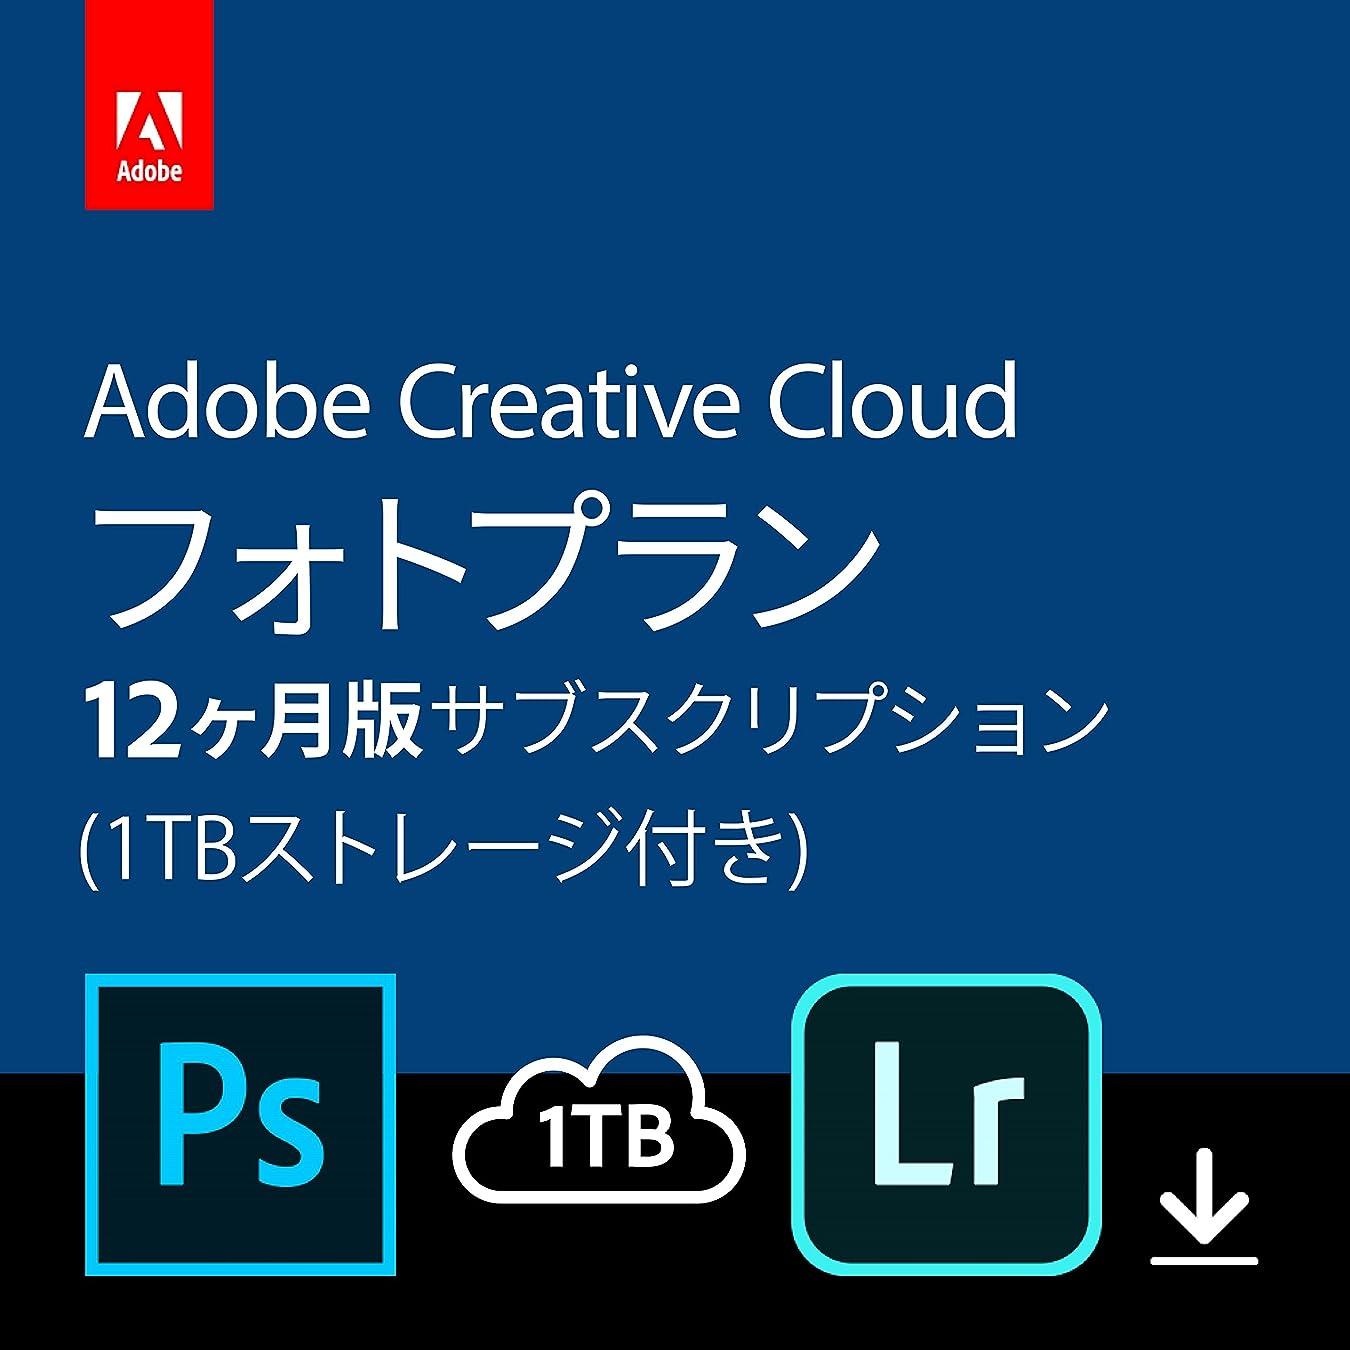 効率的にトランザクションためにAdobe Creative Cloud フォトプラン(Photoshop+Lightroom) with 1TB|12か月版|Windows/Mac対応|オンラインコード版